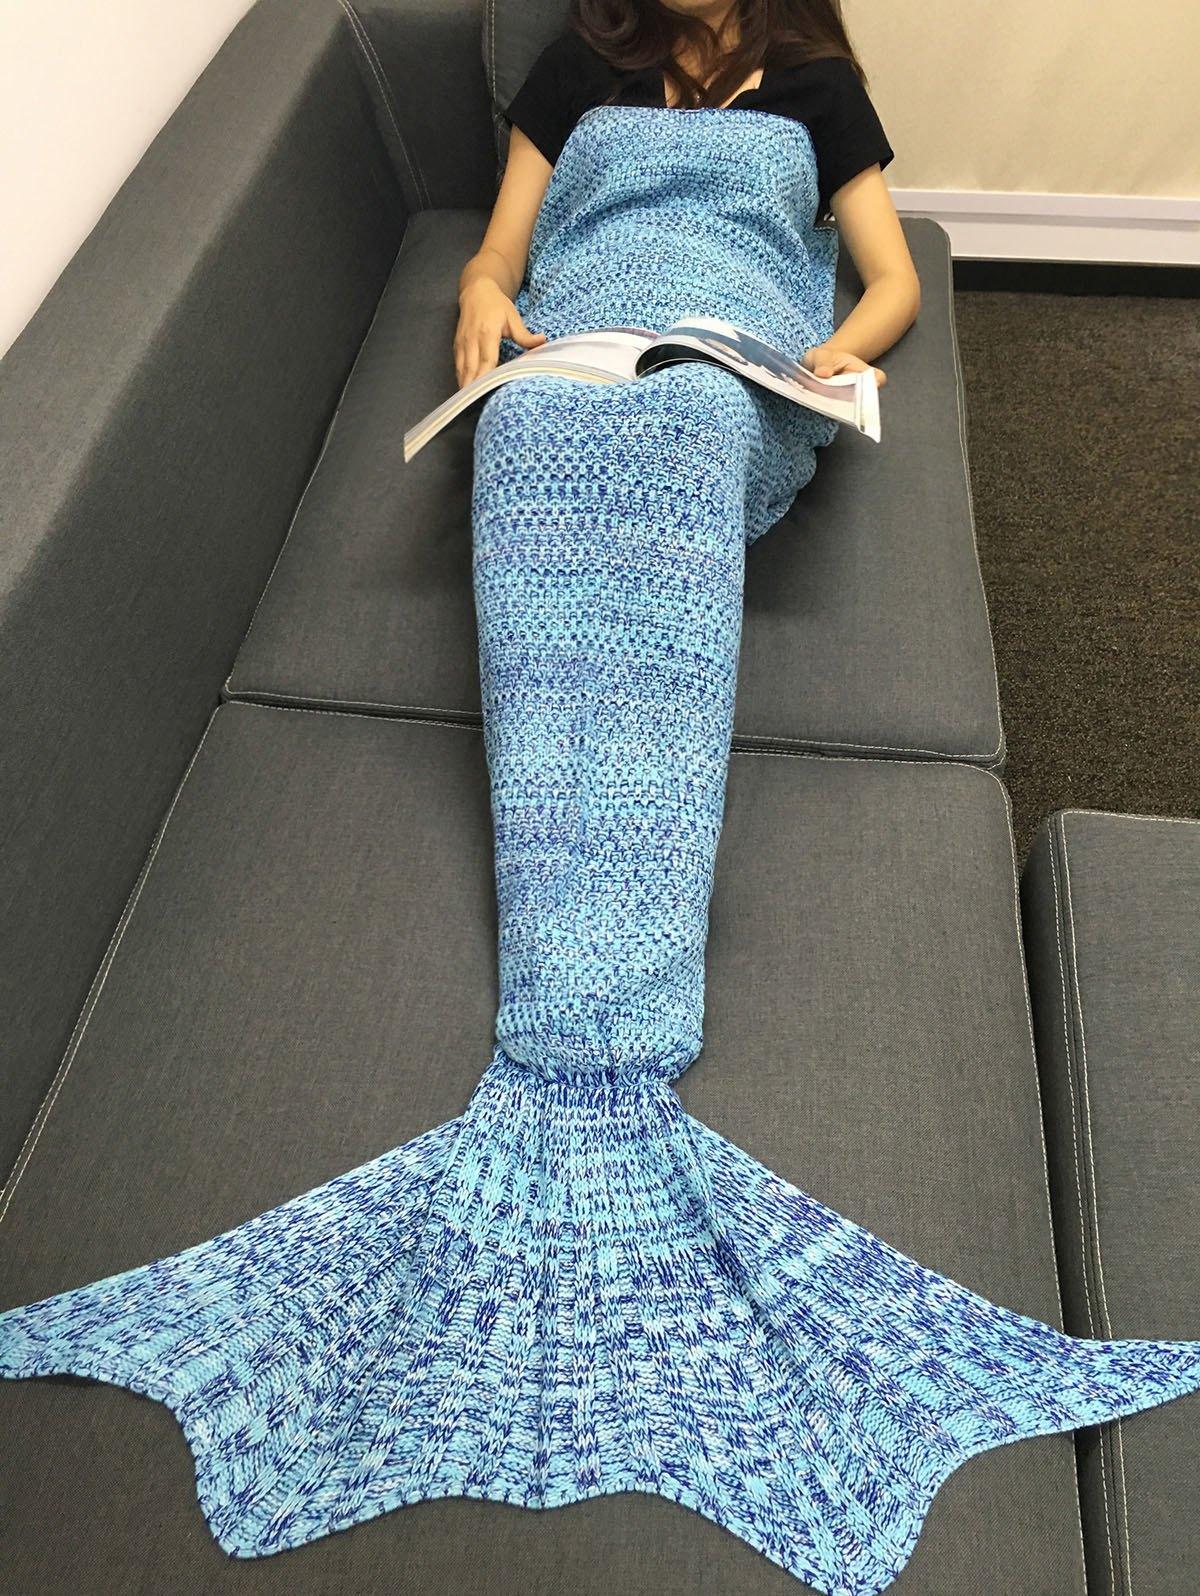 Knitting Sleeping Bag Fish Tail Design Blanket